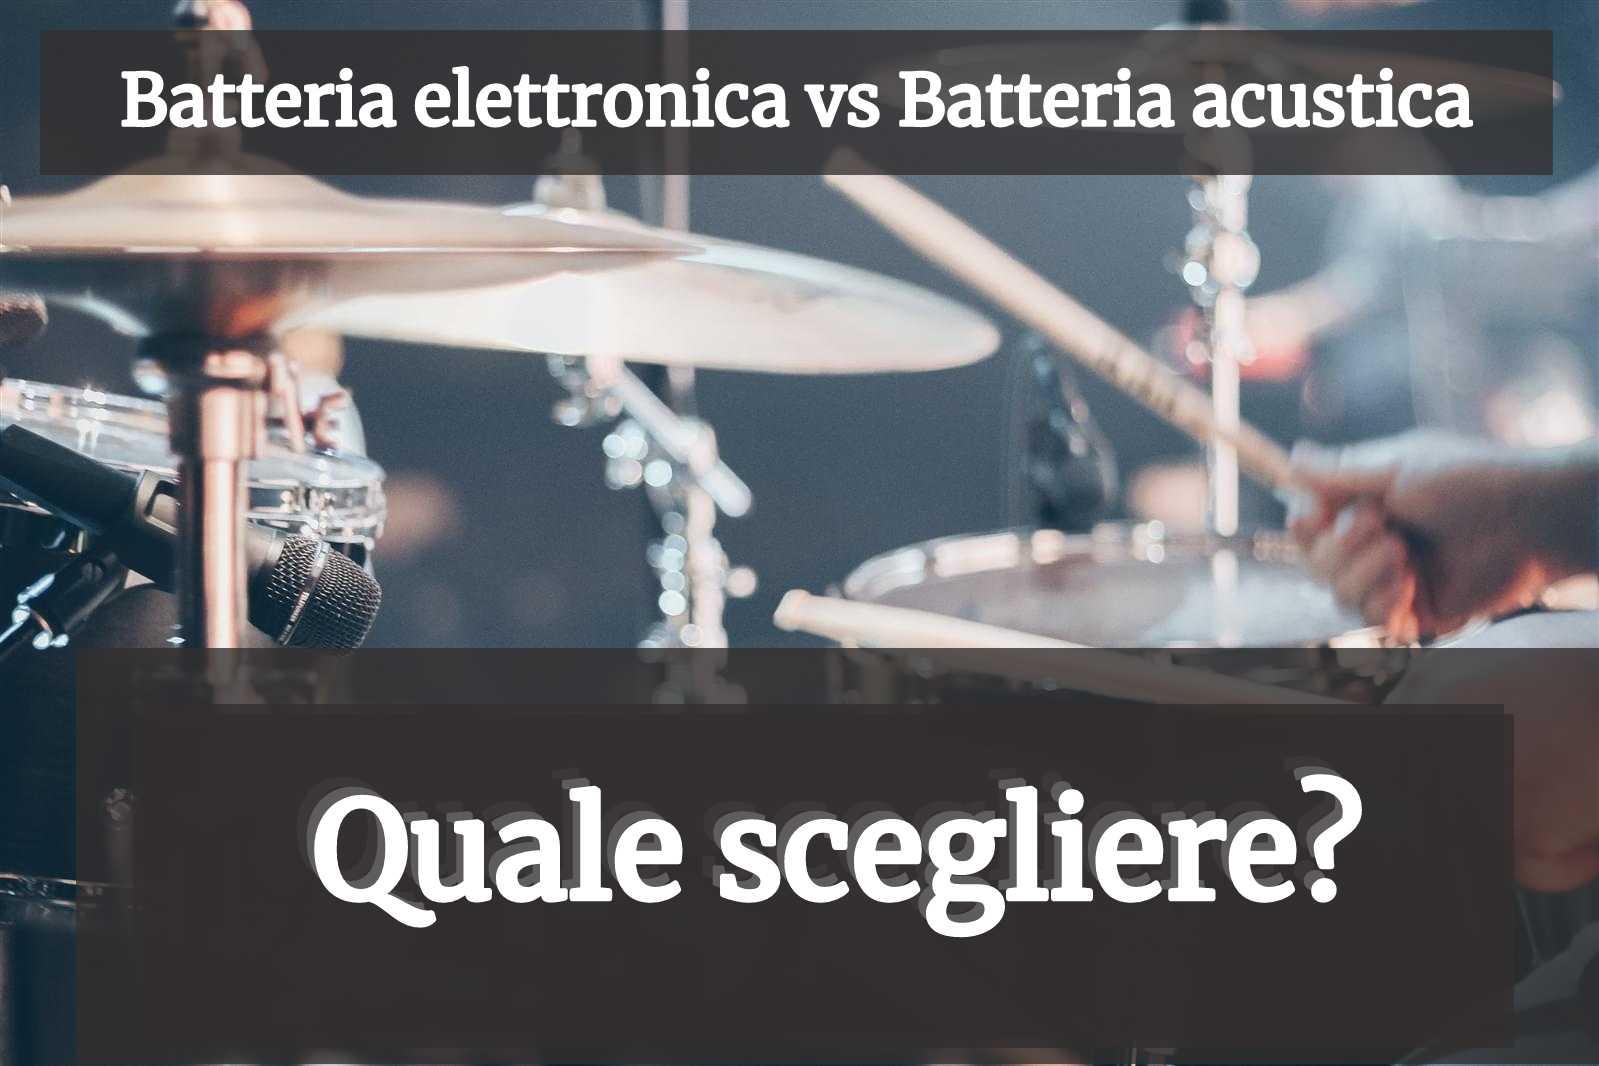 Batteria elettronica vs acustica: come scegliere?